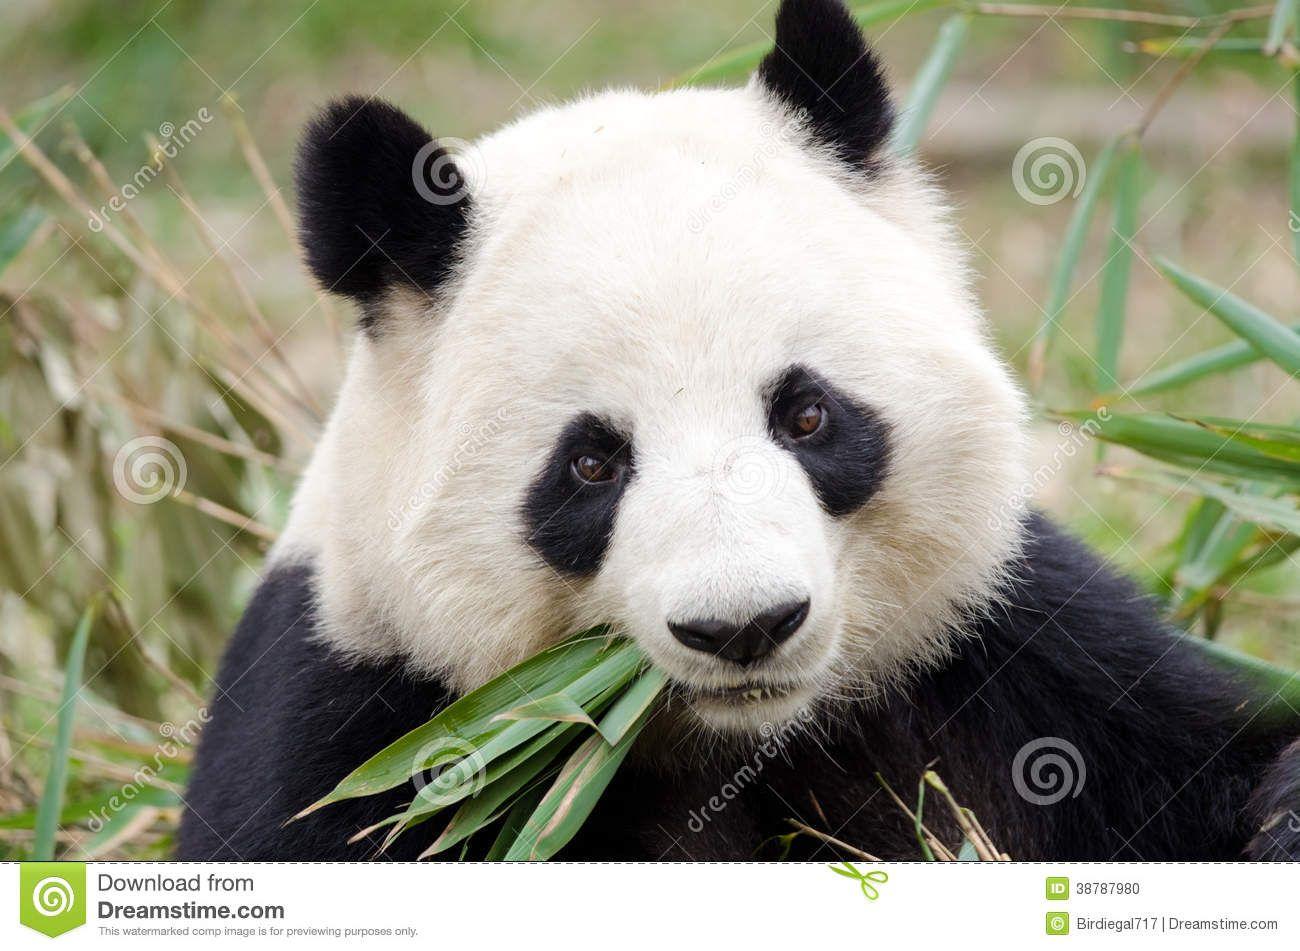 Foto Uber Bar Des Grossen Pandas Der Bambus In Chengdu China Isst